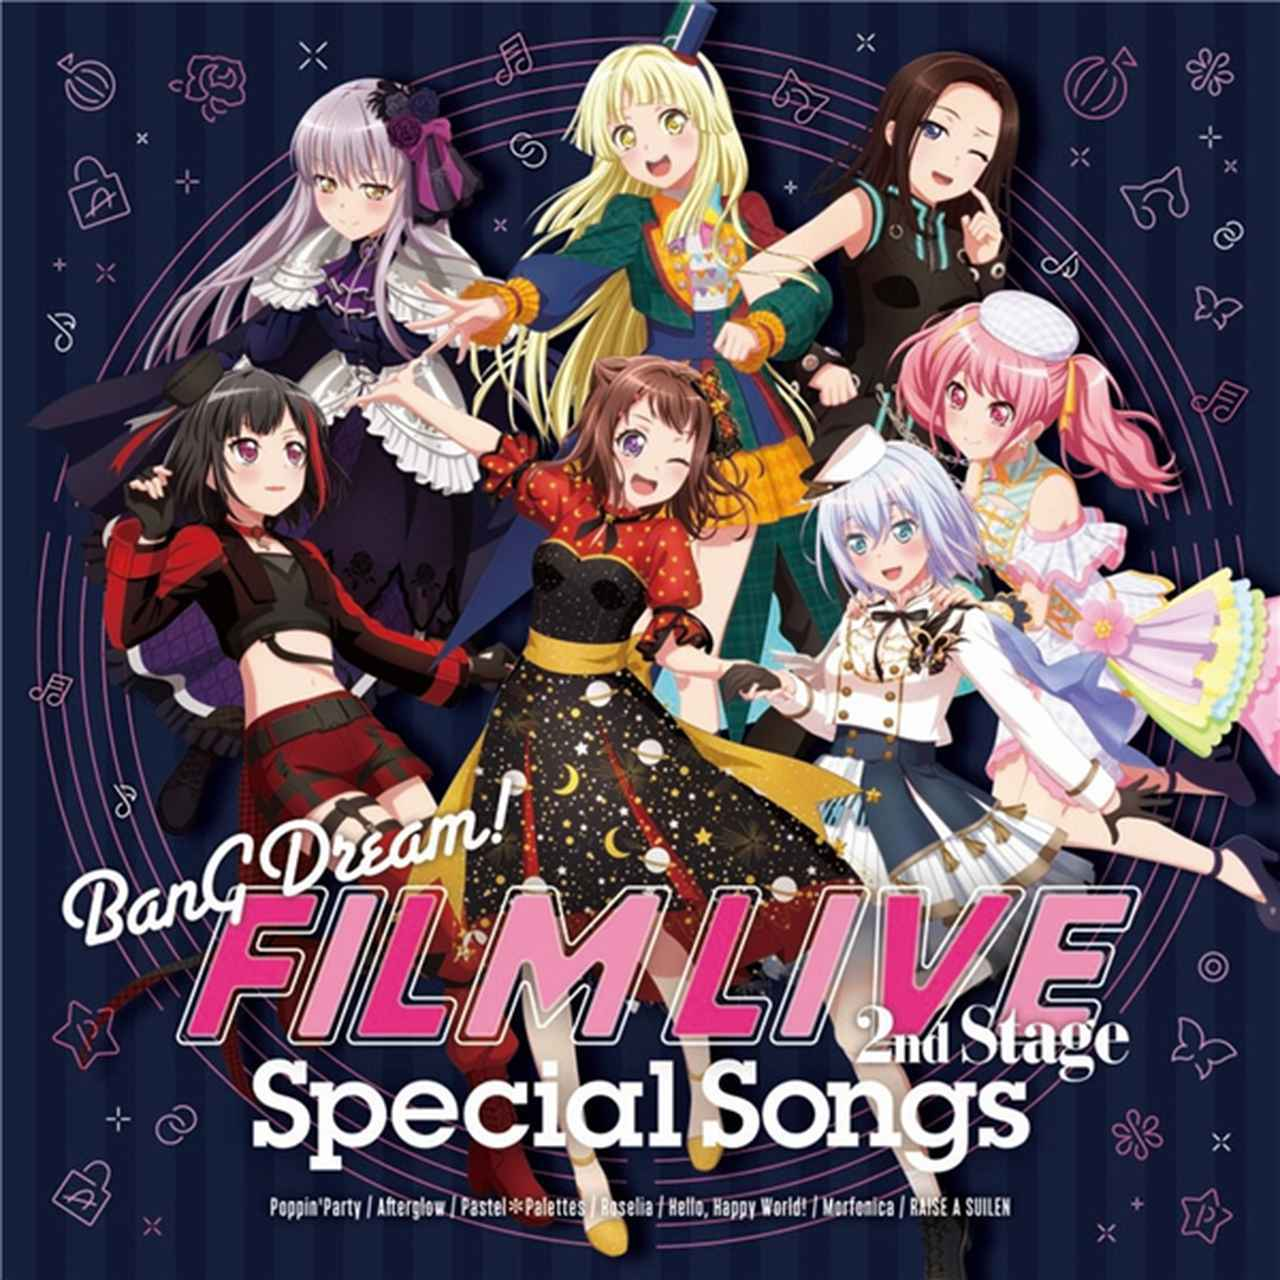 画像: 劇場版「BanG Dream! FILM LIVE 2nd Stage」Special Songs / Poppin'Party, Afterglow, Pastel*Palettes, Roselia, ハロー、ハッピーワールド!, Morfonica, RAISE A SUILEN